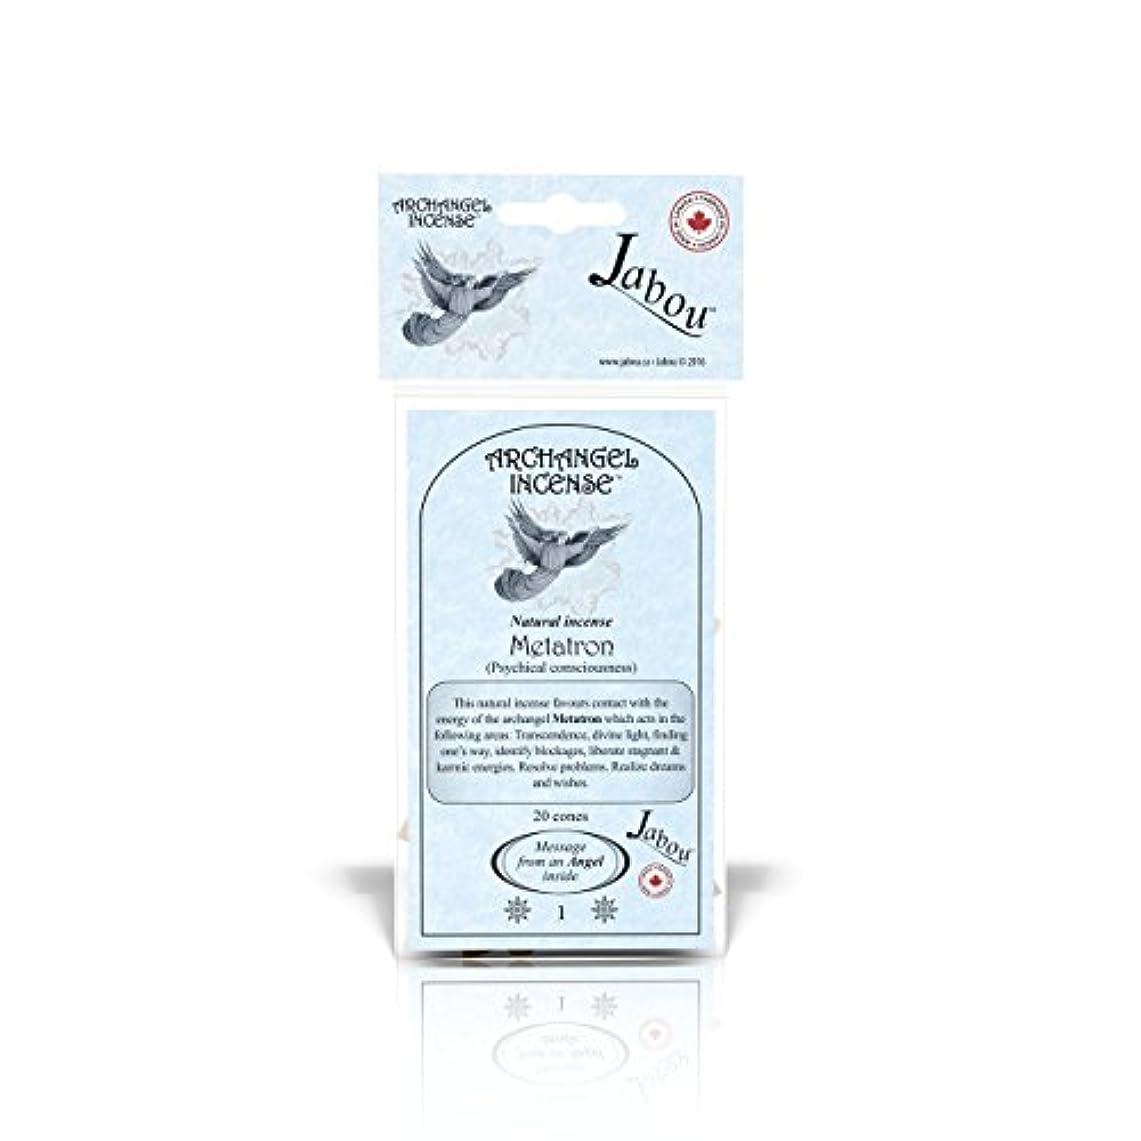 口述するエネルギーピストンJabou 大天使 100%天然お香 コーン - 12個の香り - 瞑想 ヨガ リラクゼーション マジック ヒーリング 祈り 儀式 - 20個のコーン - 各30分以上持続